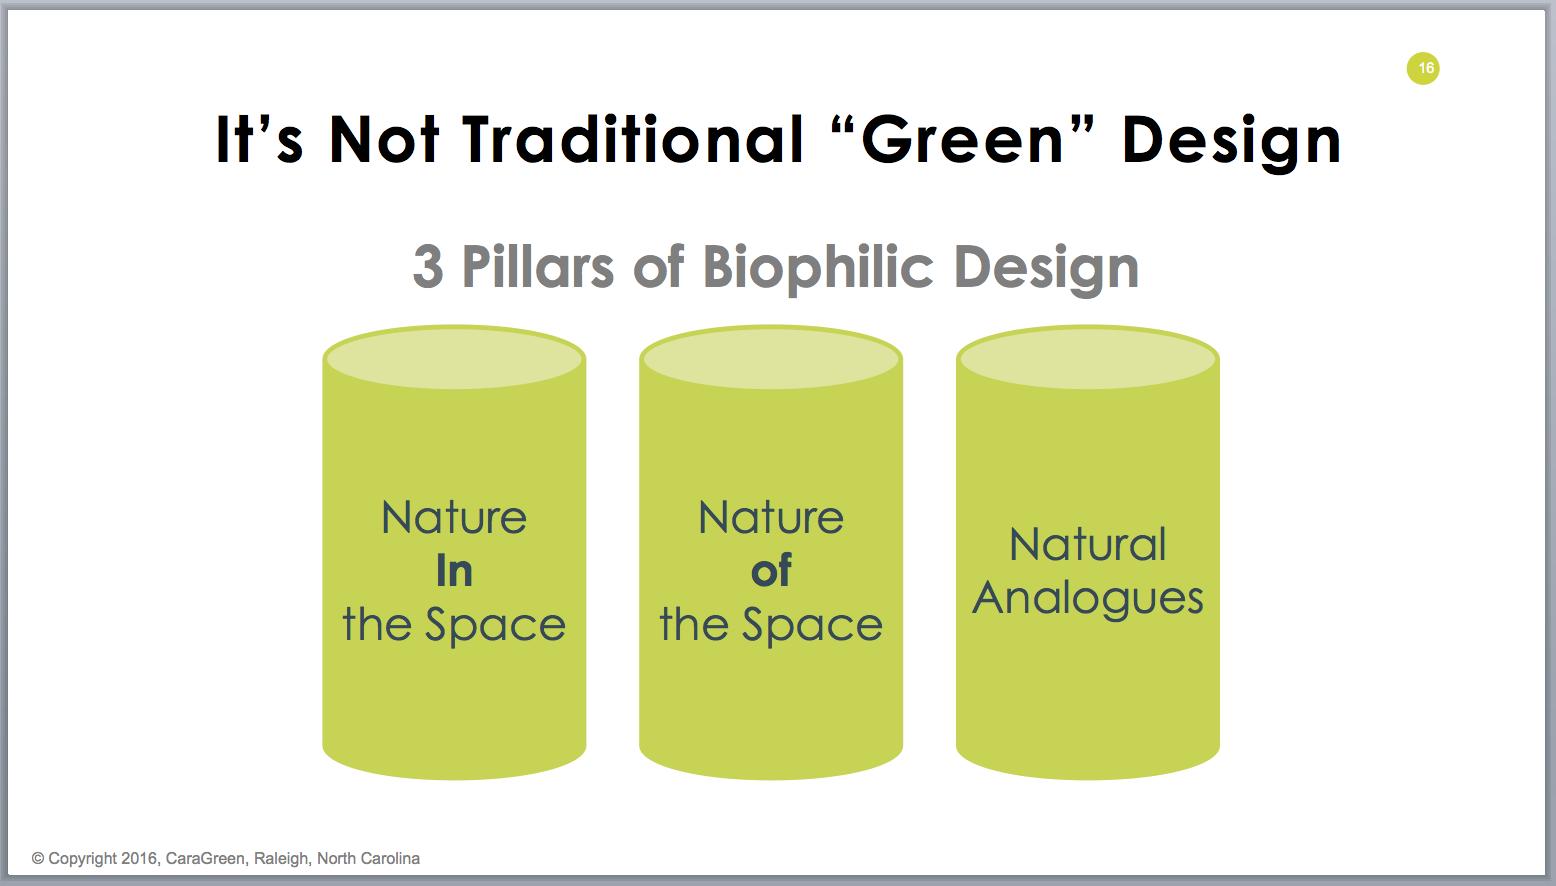 biophilic_design